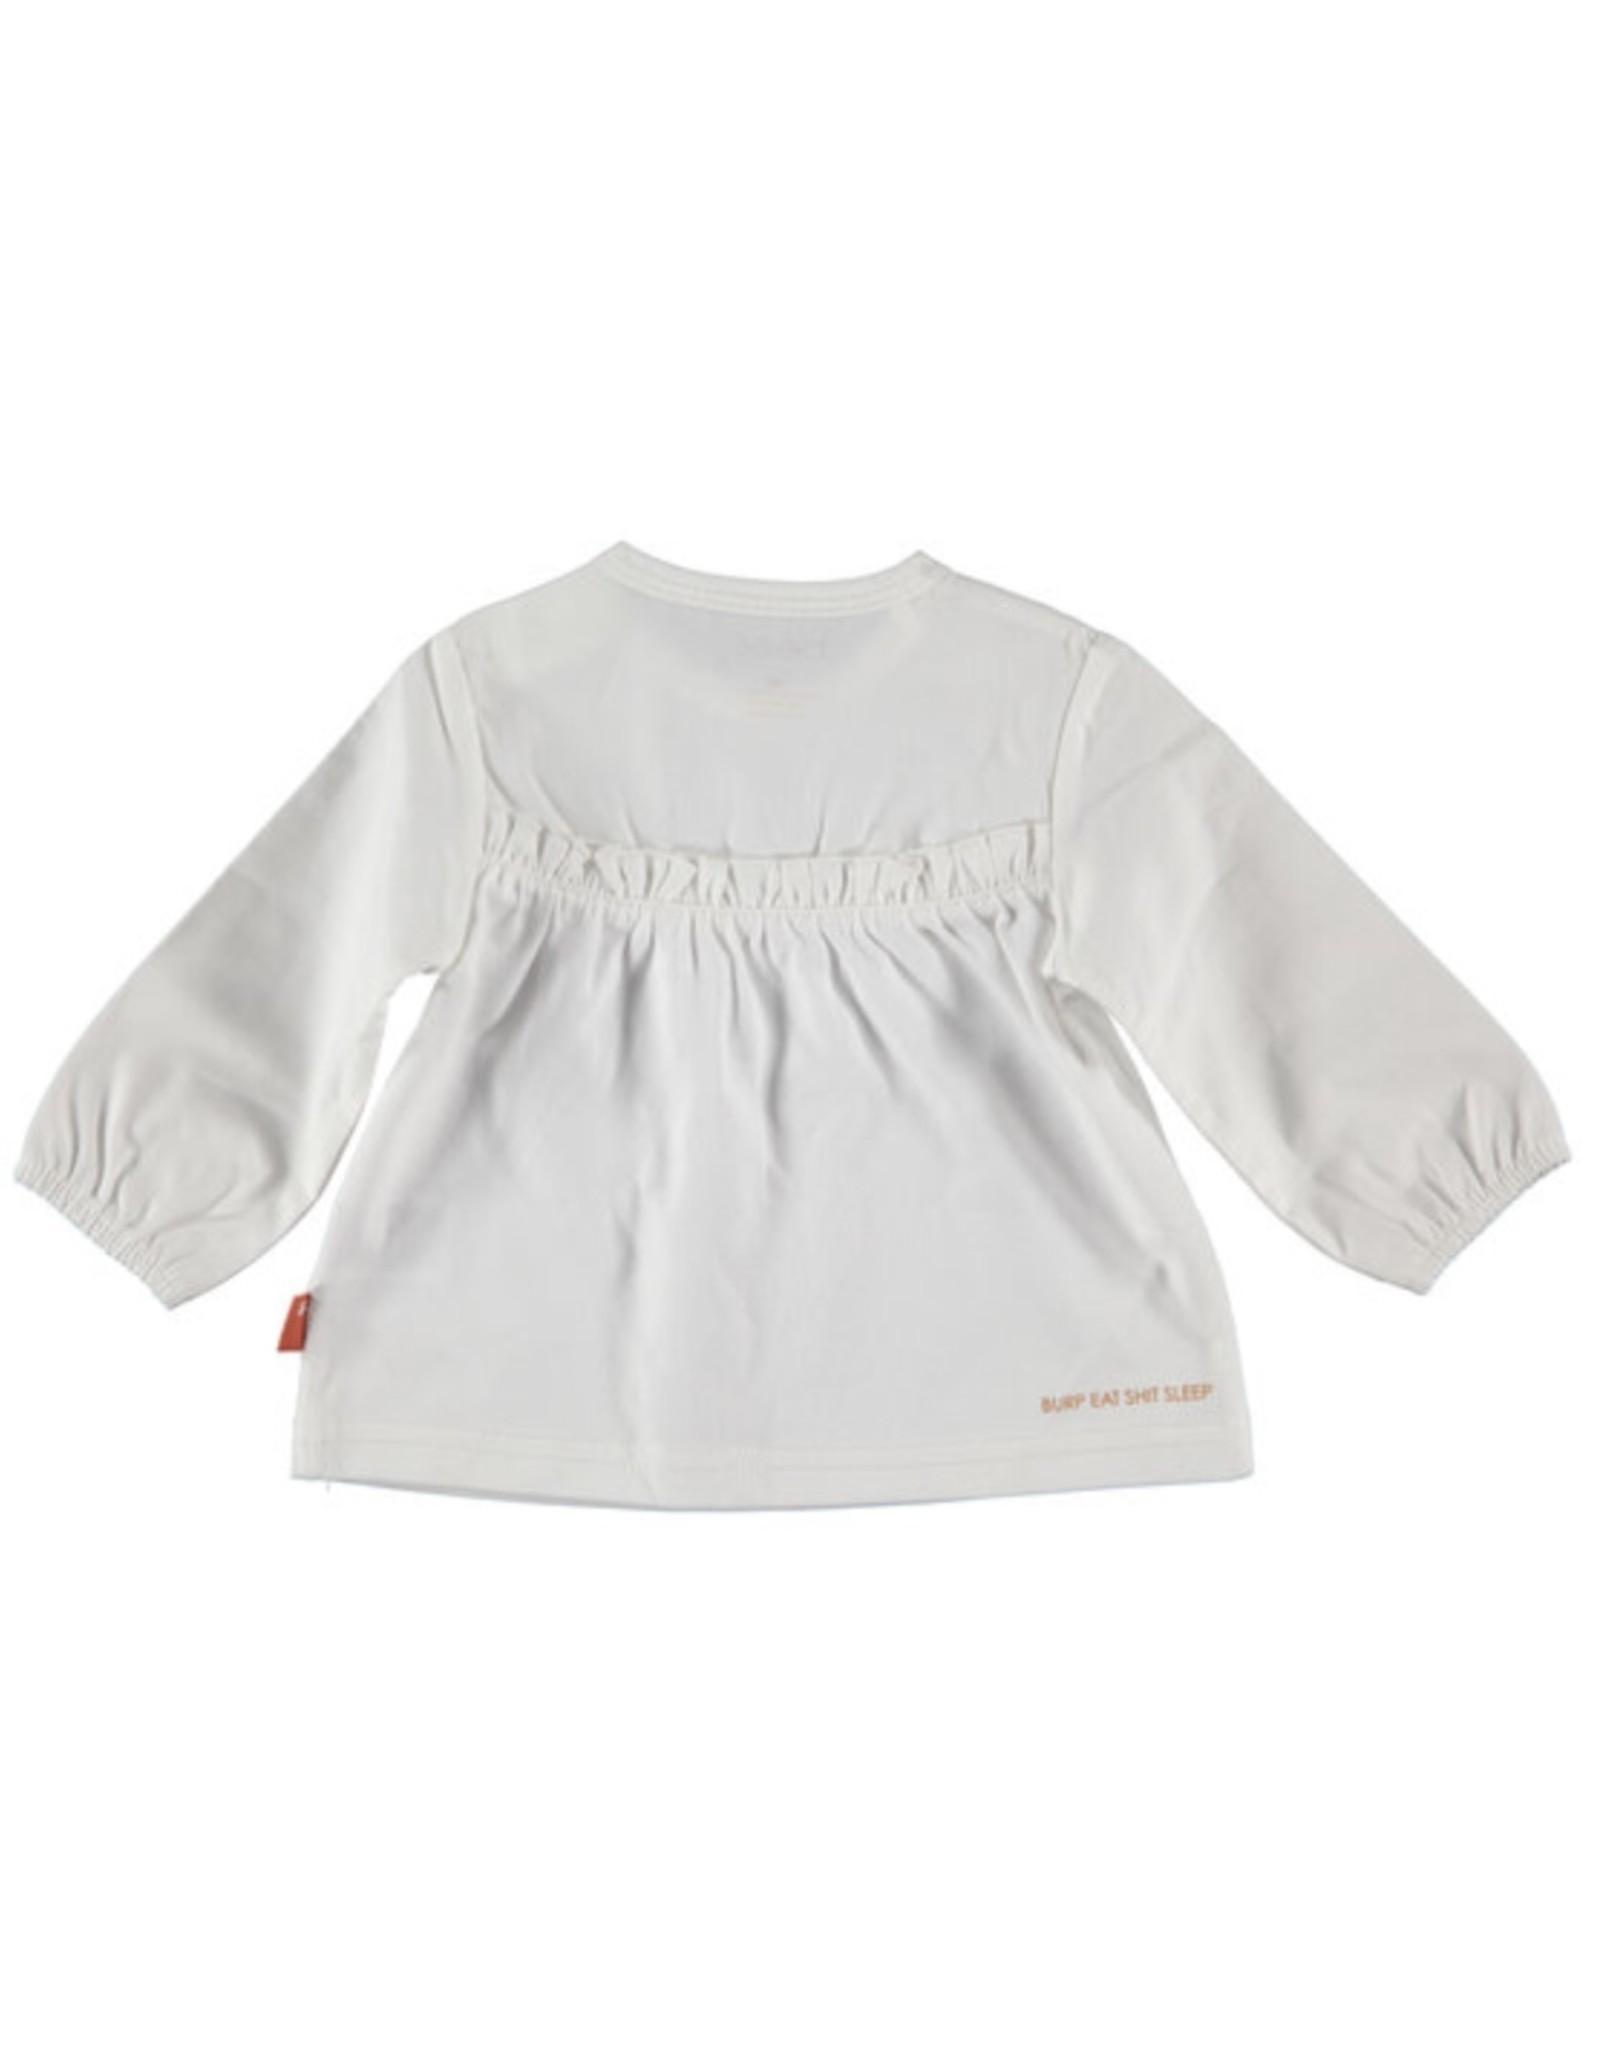 B*E*S*S 21010 T-Shirt